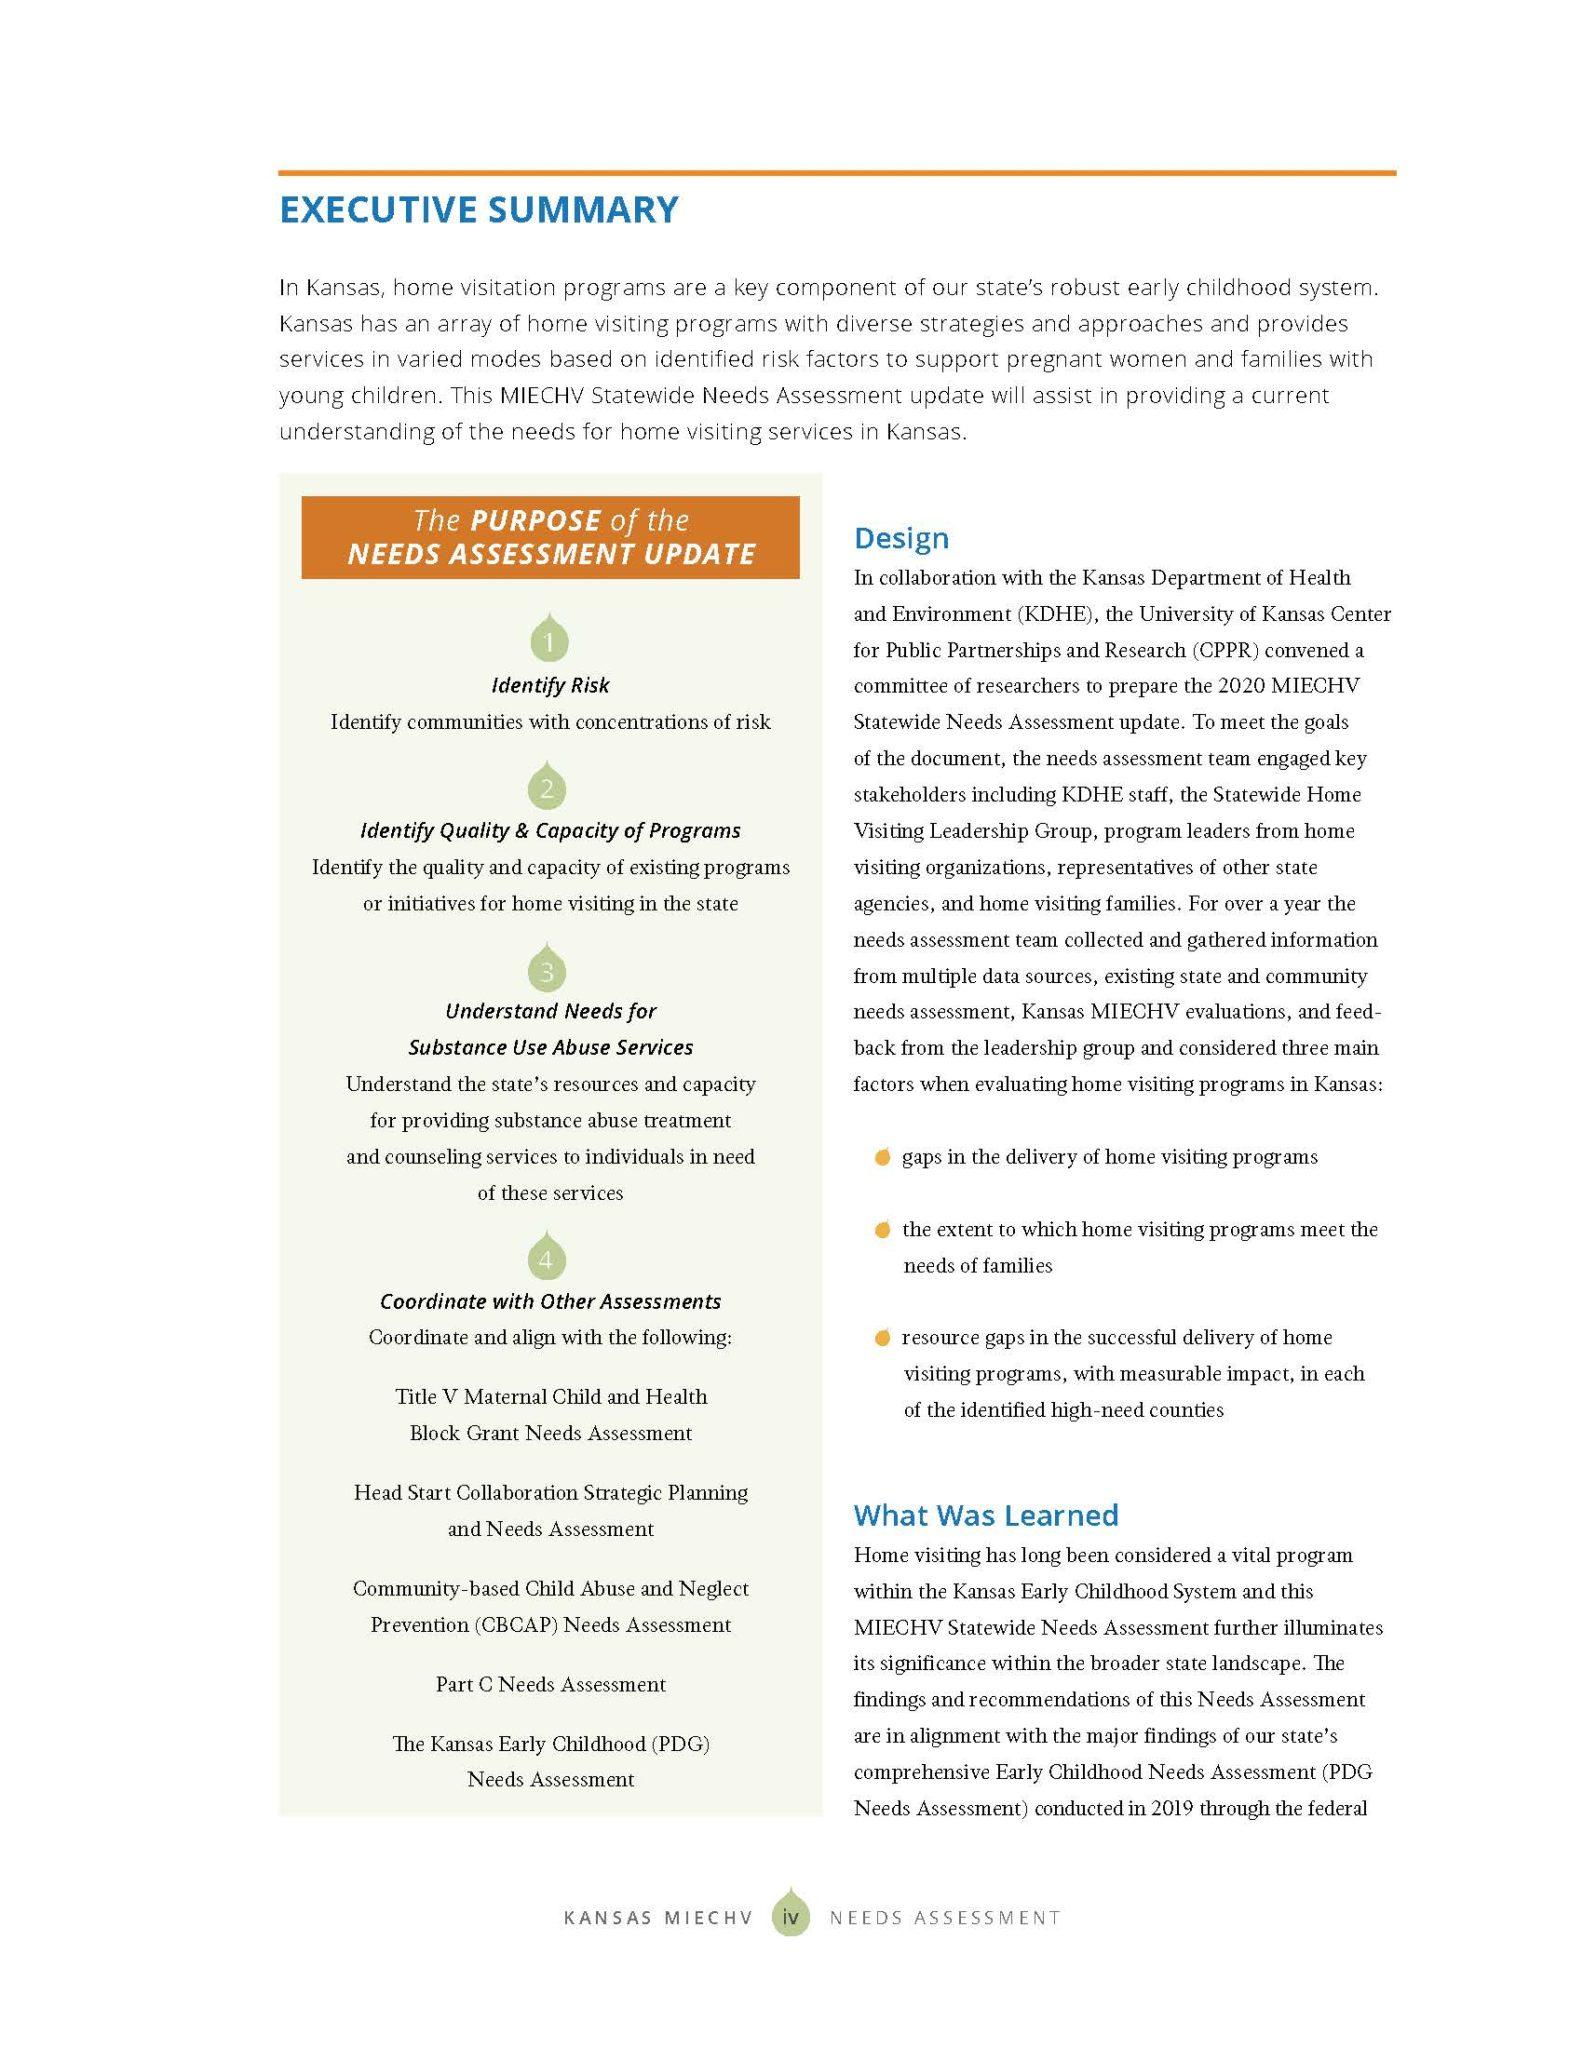 KS MIECHV 2020 Needs Assessment_DIGITAL_Page_005